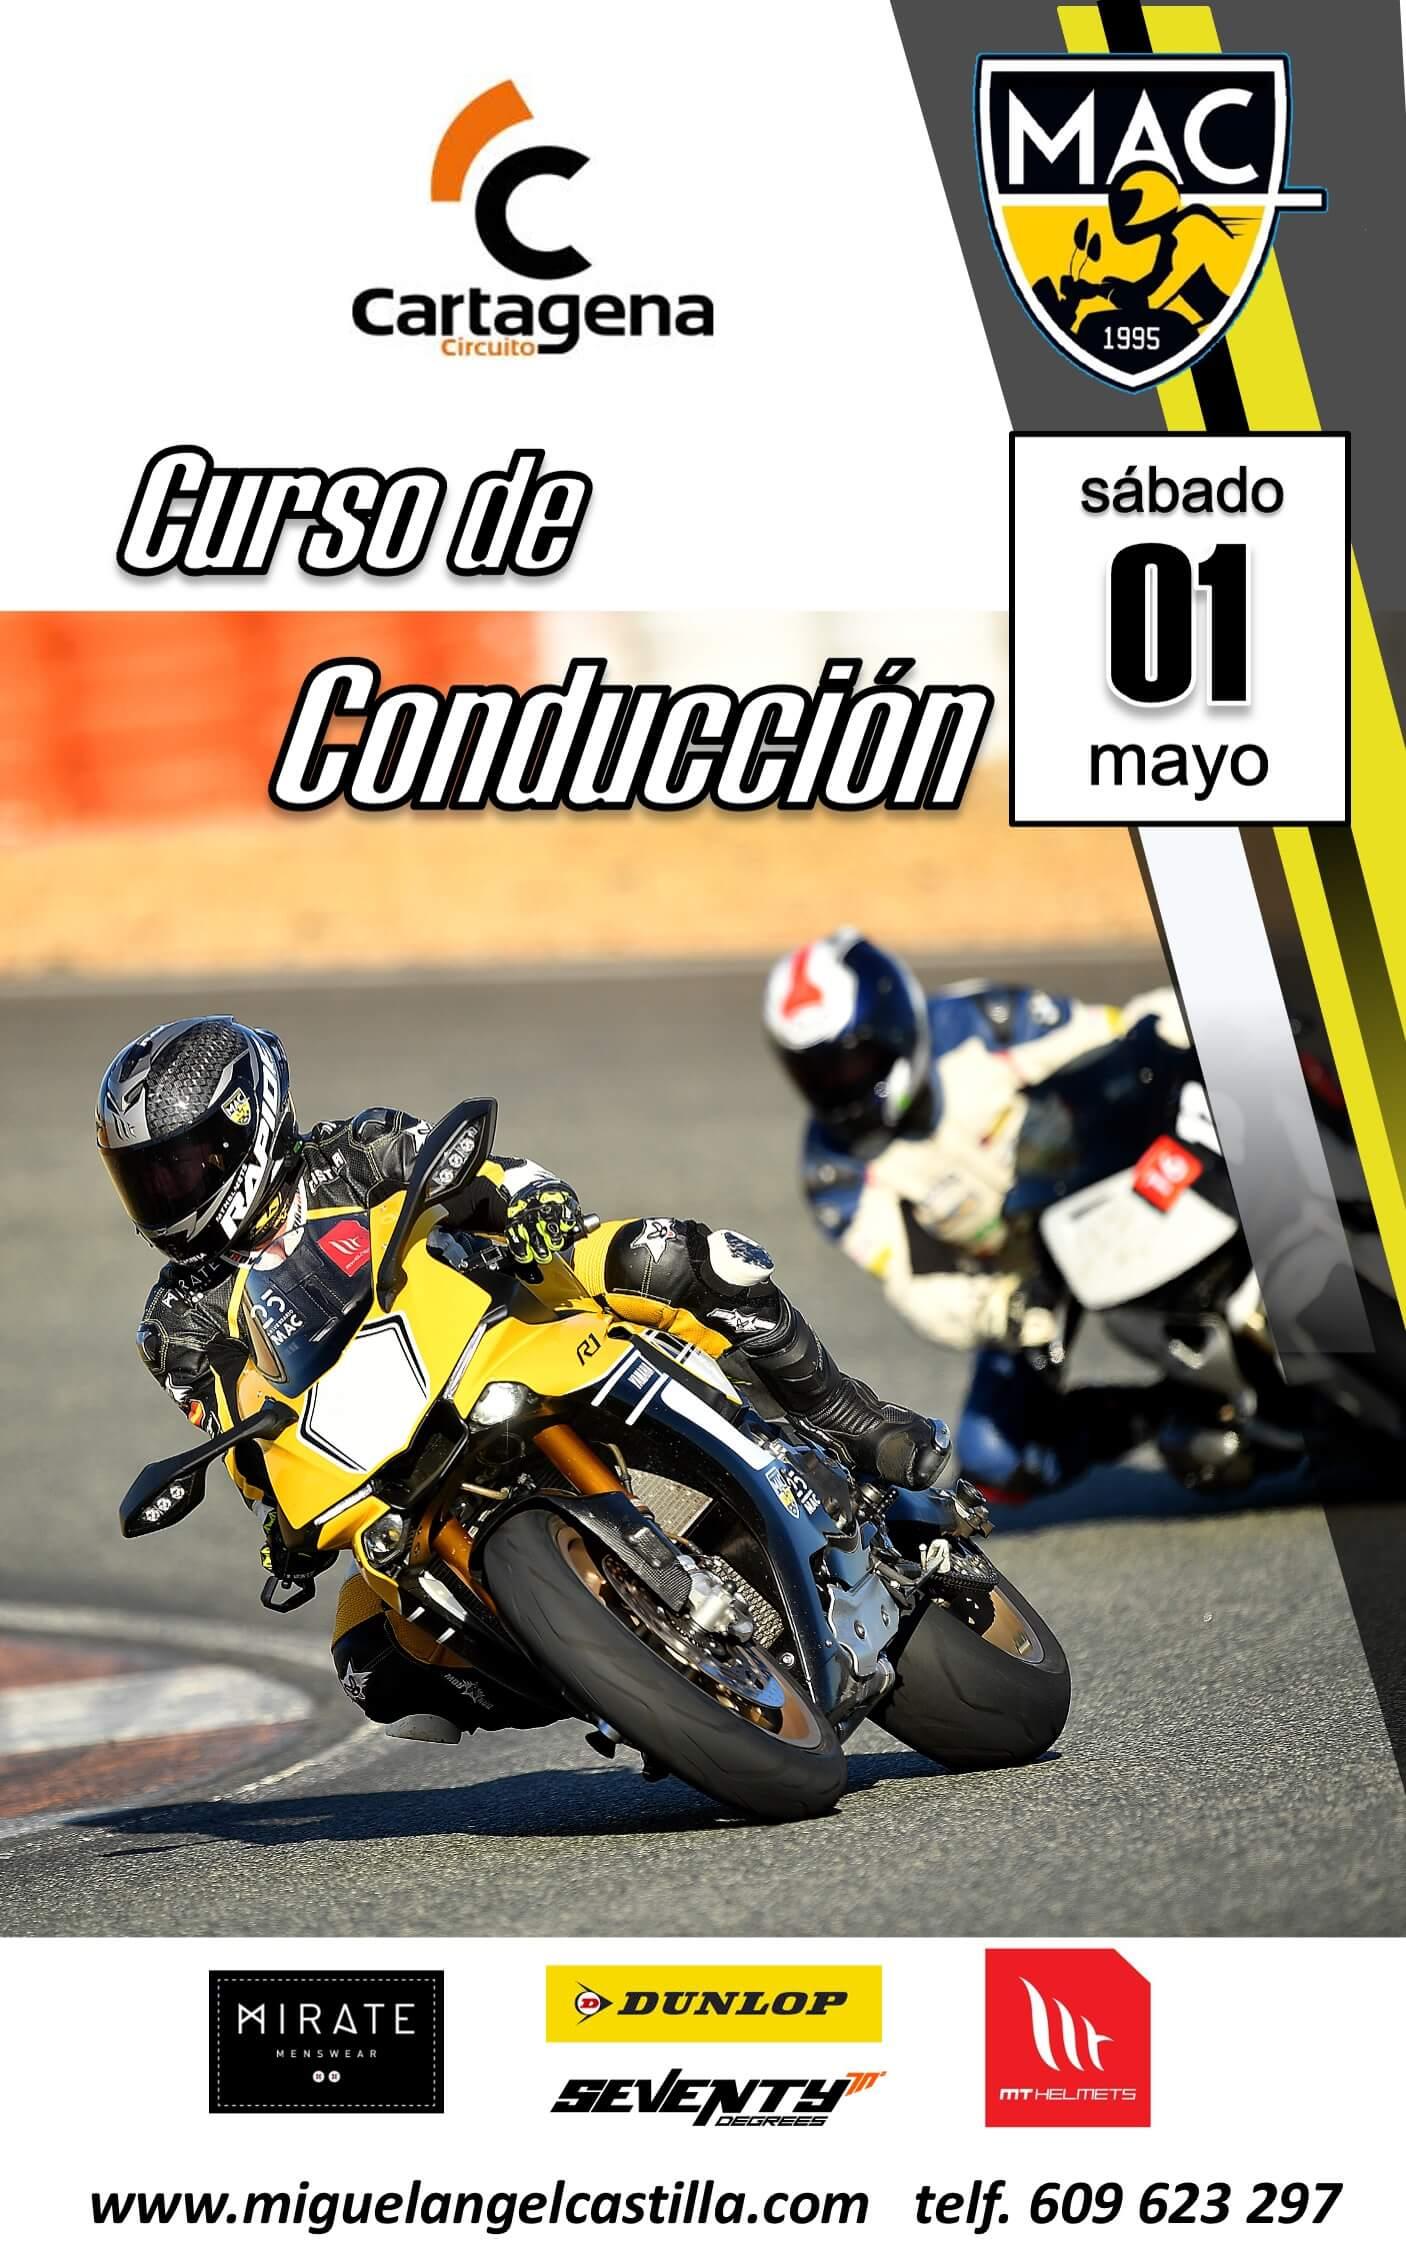 curso conduccion moto Cartagena